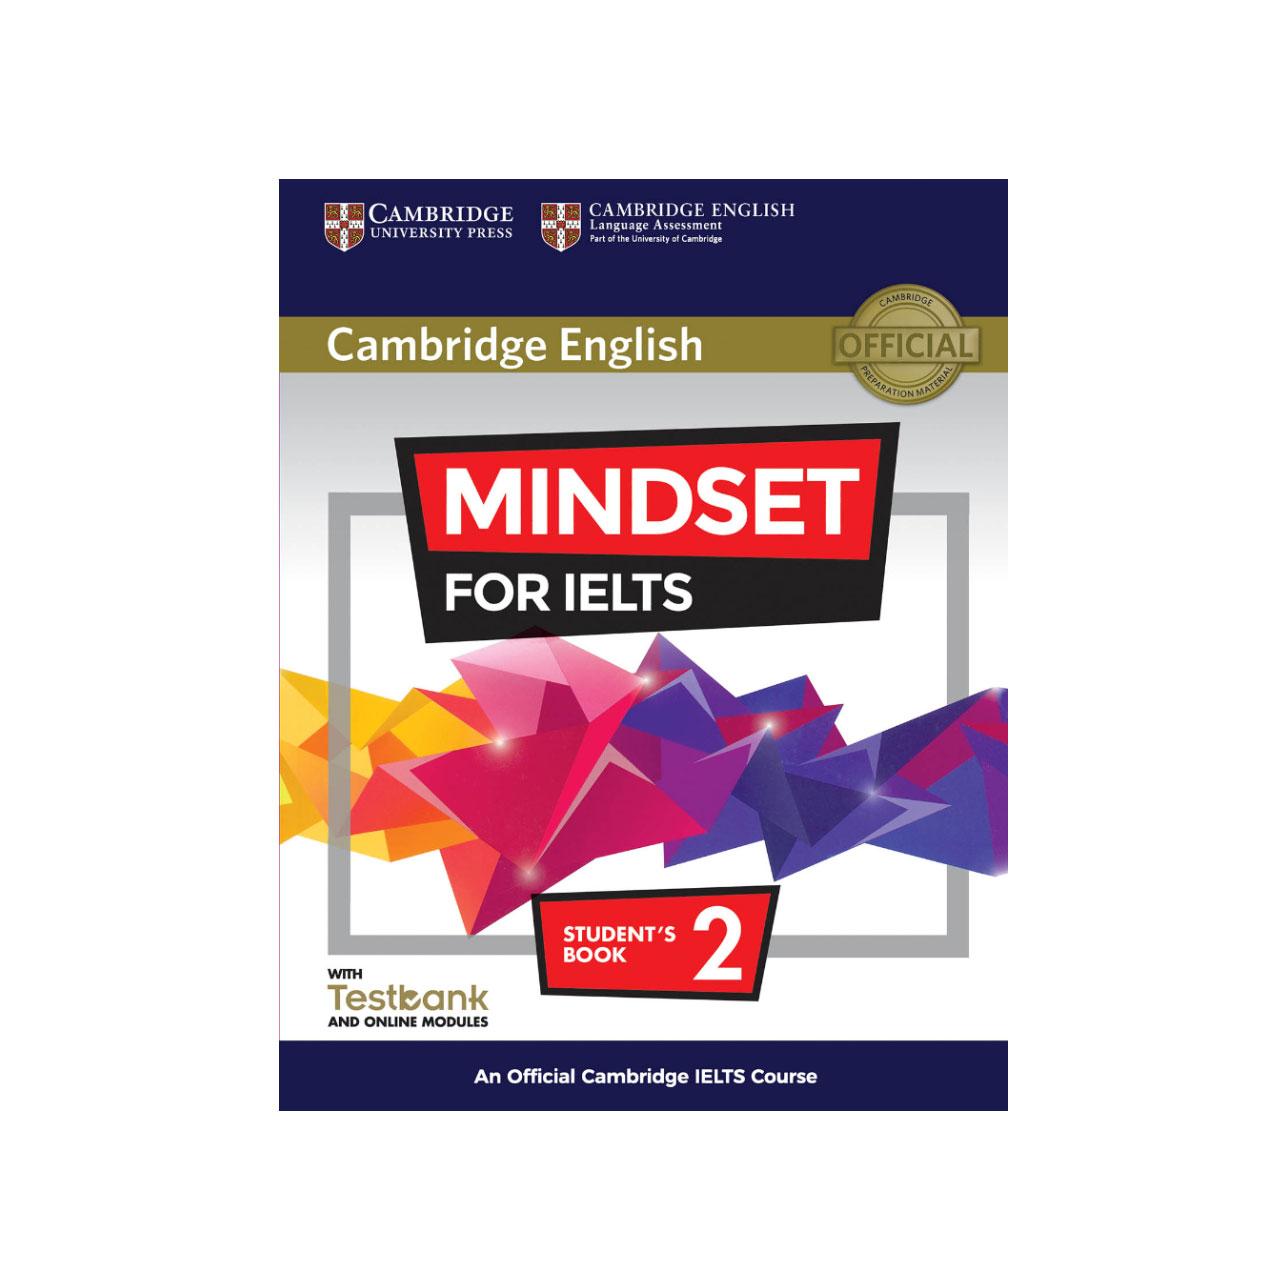 کتاب زبان Cambridge English Mindset For IELTS 2 Student Book همراه با CD